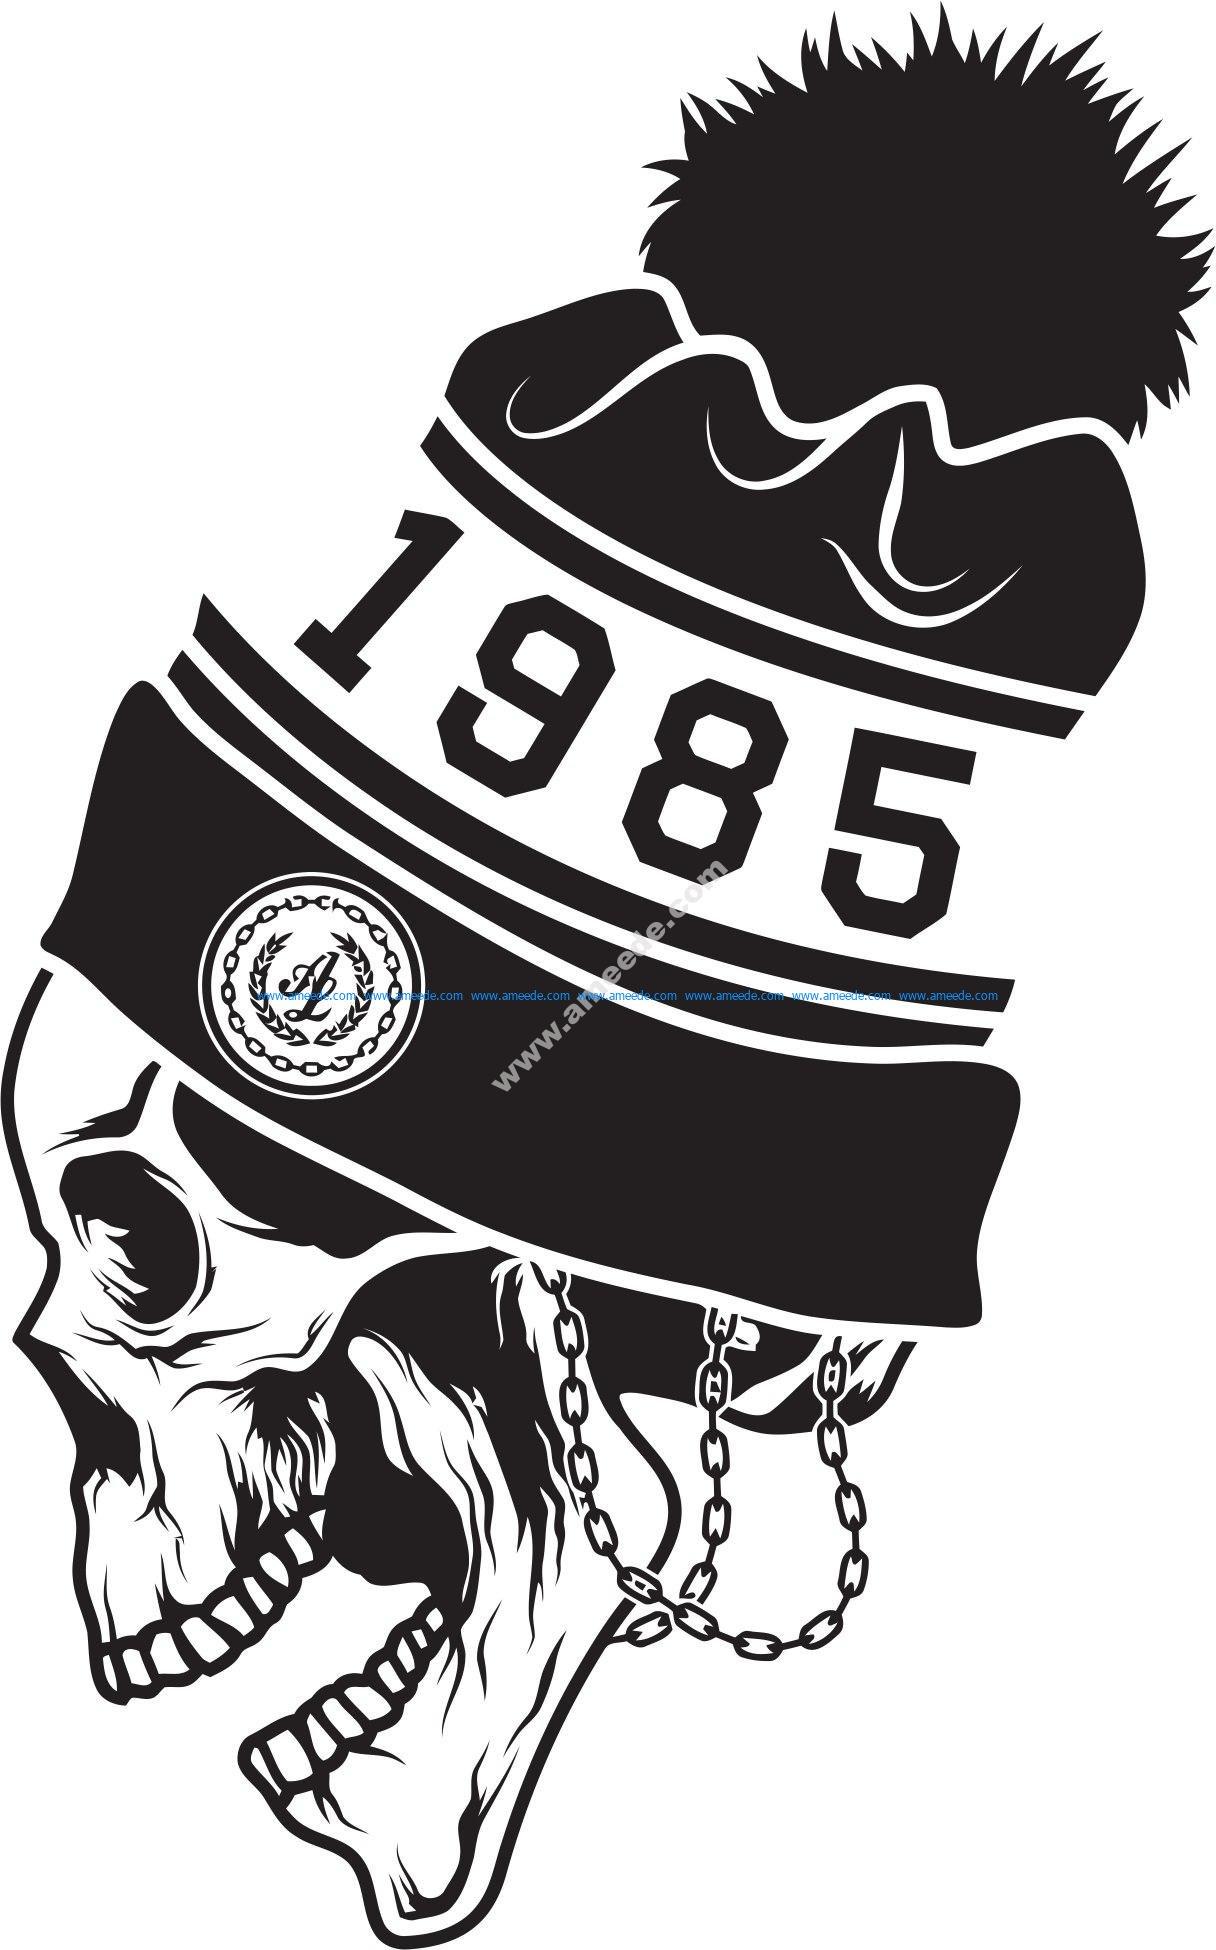 Skull sticker 1985